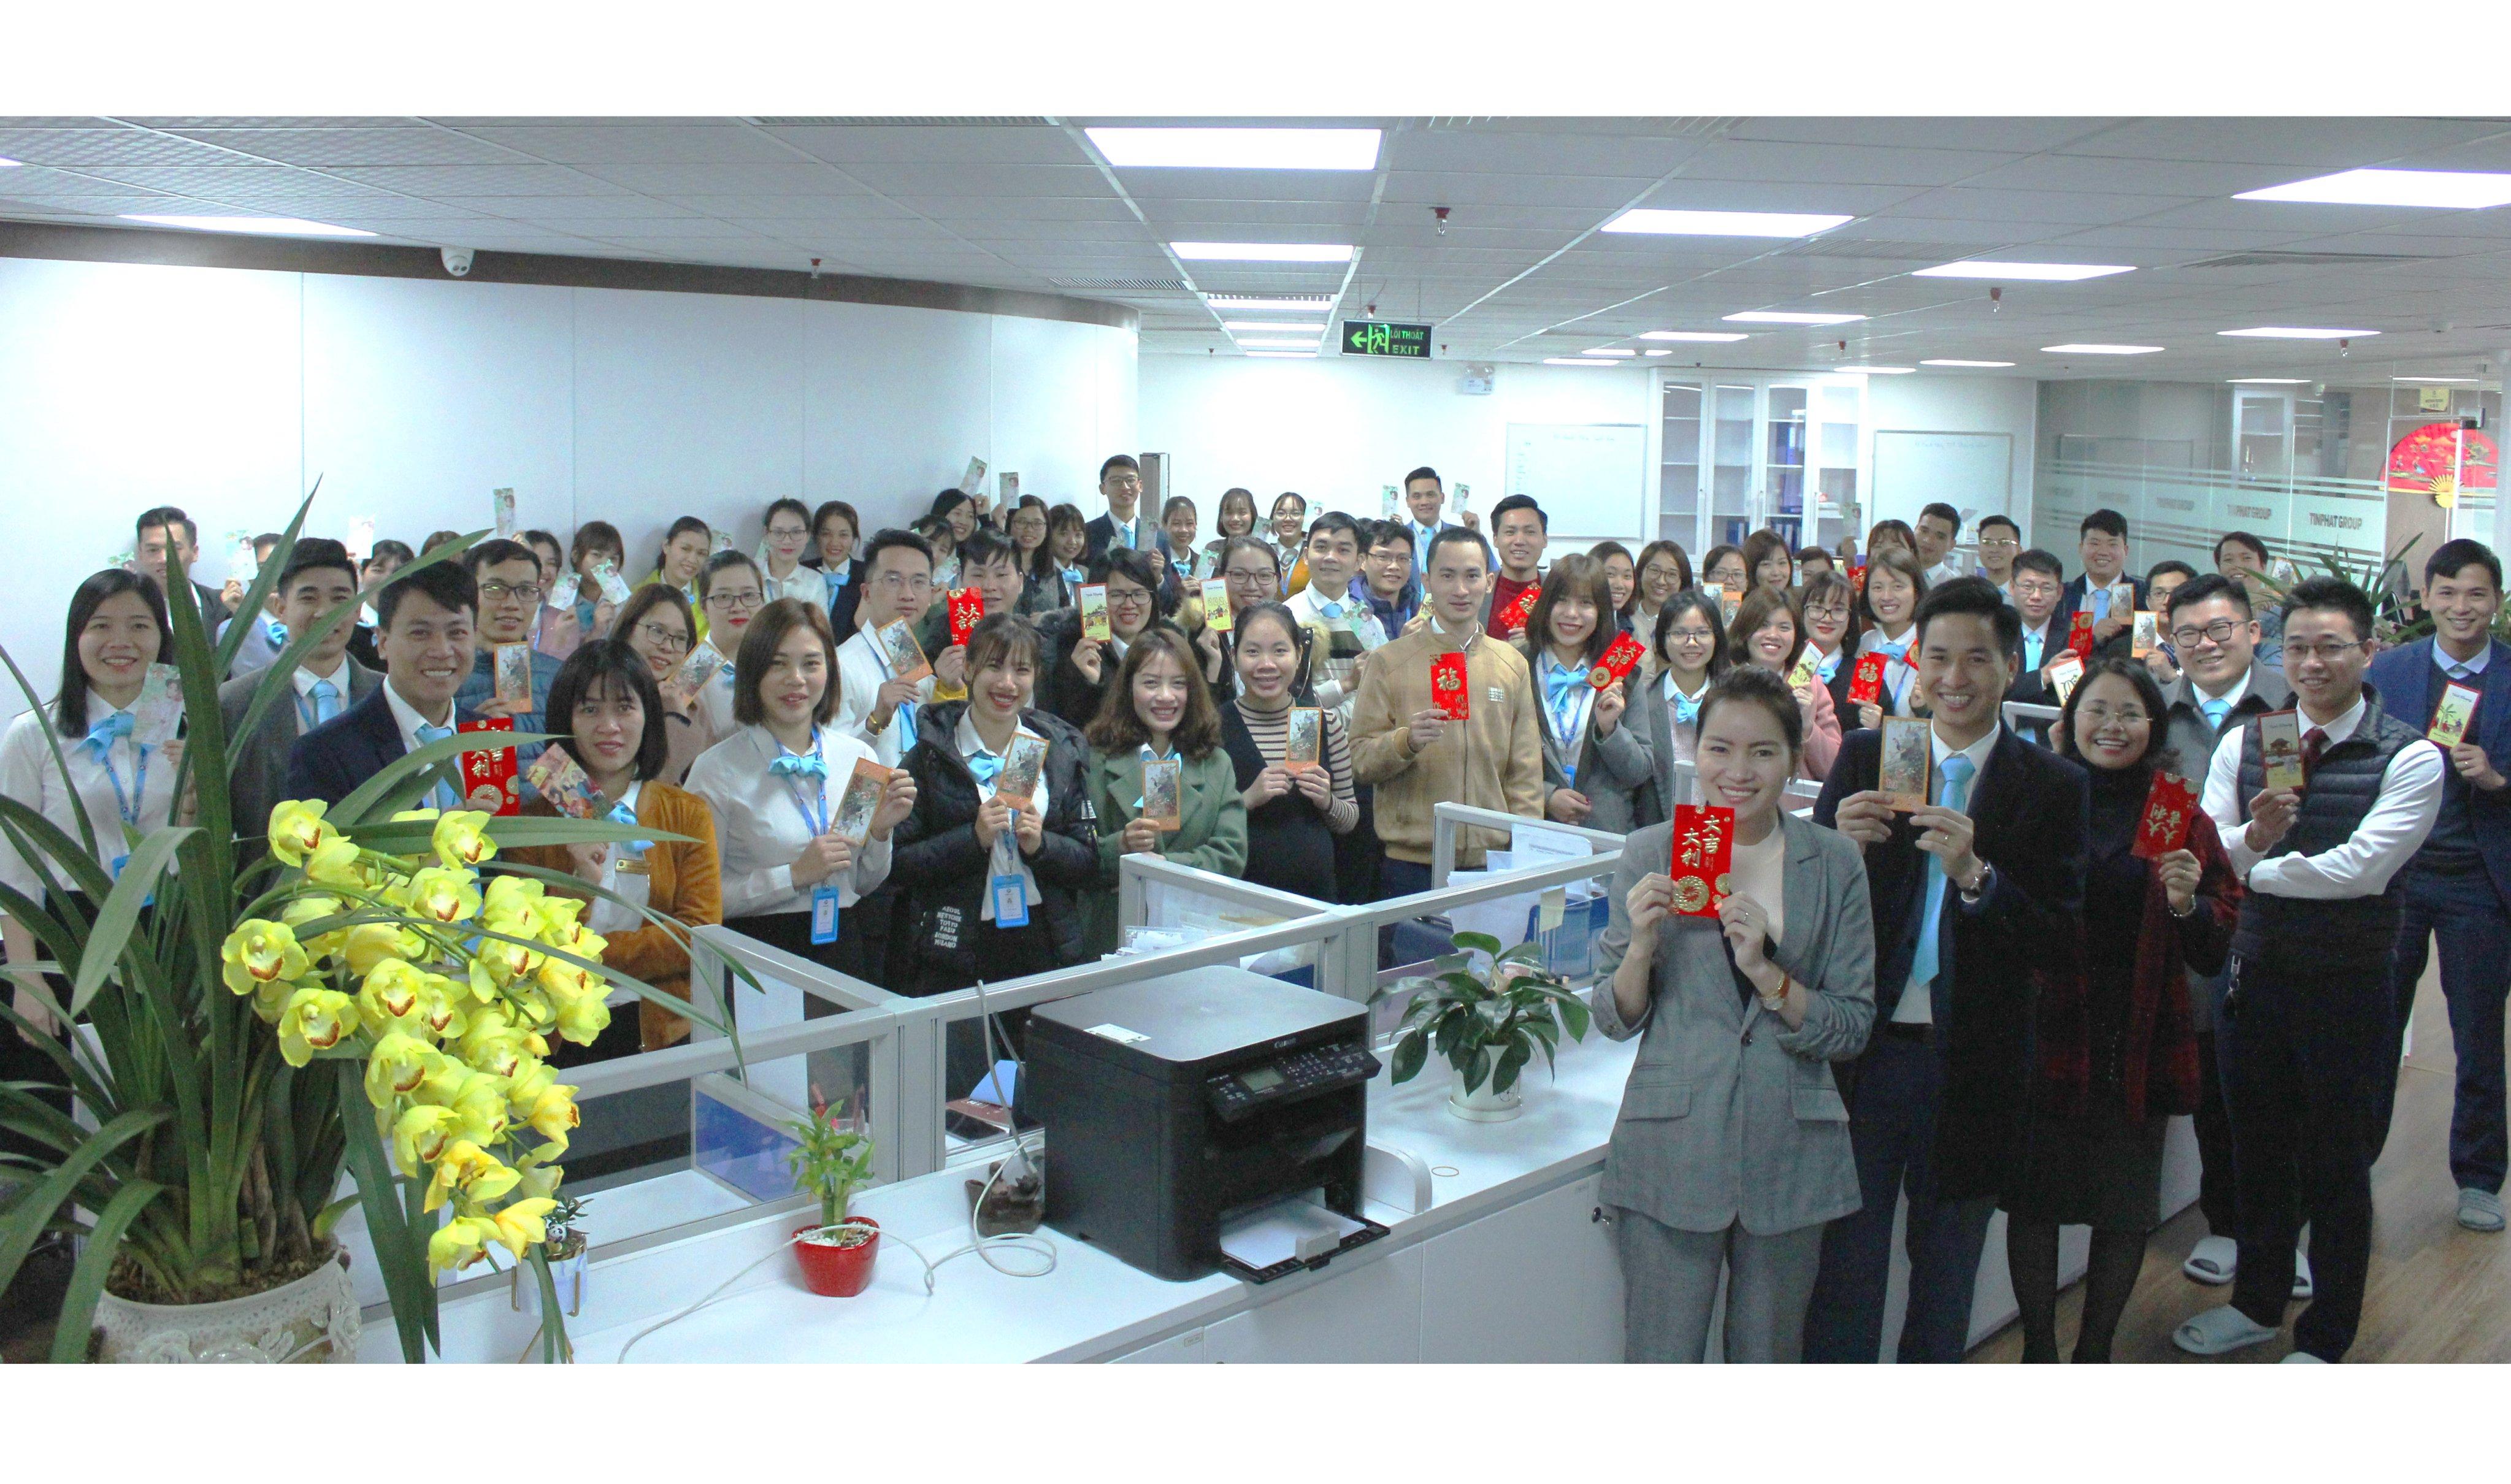 Tập đoàn Tín Phát tổ chức khai xuân đầu năm 2020